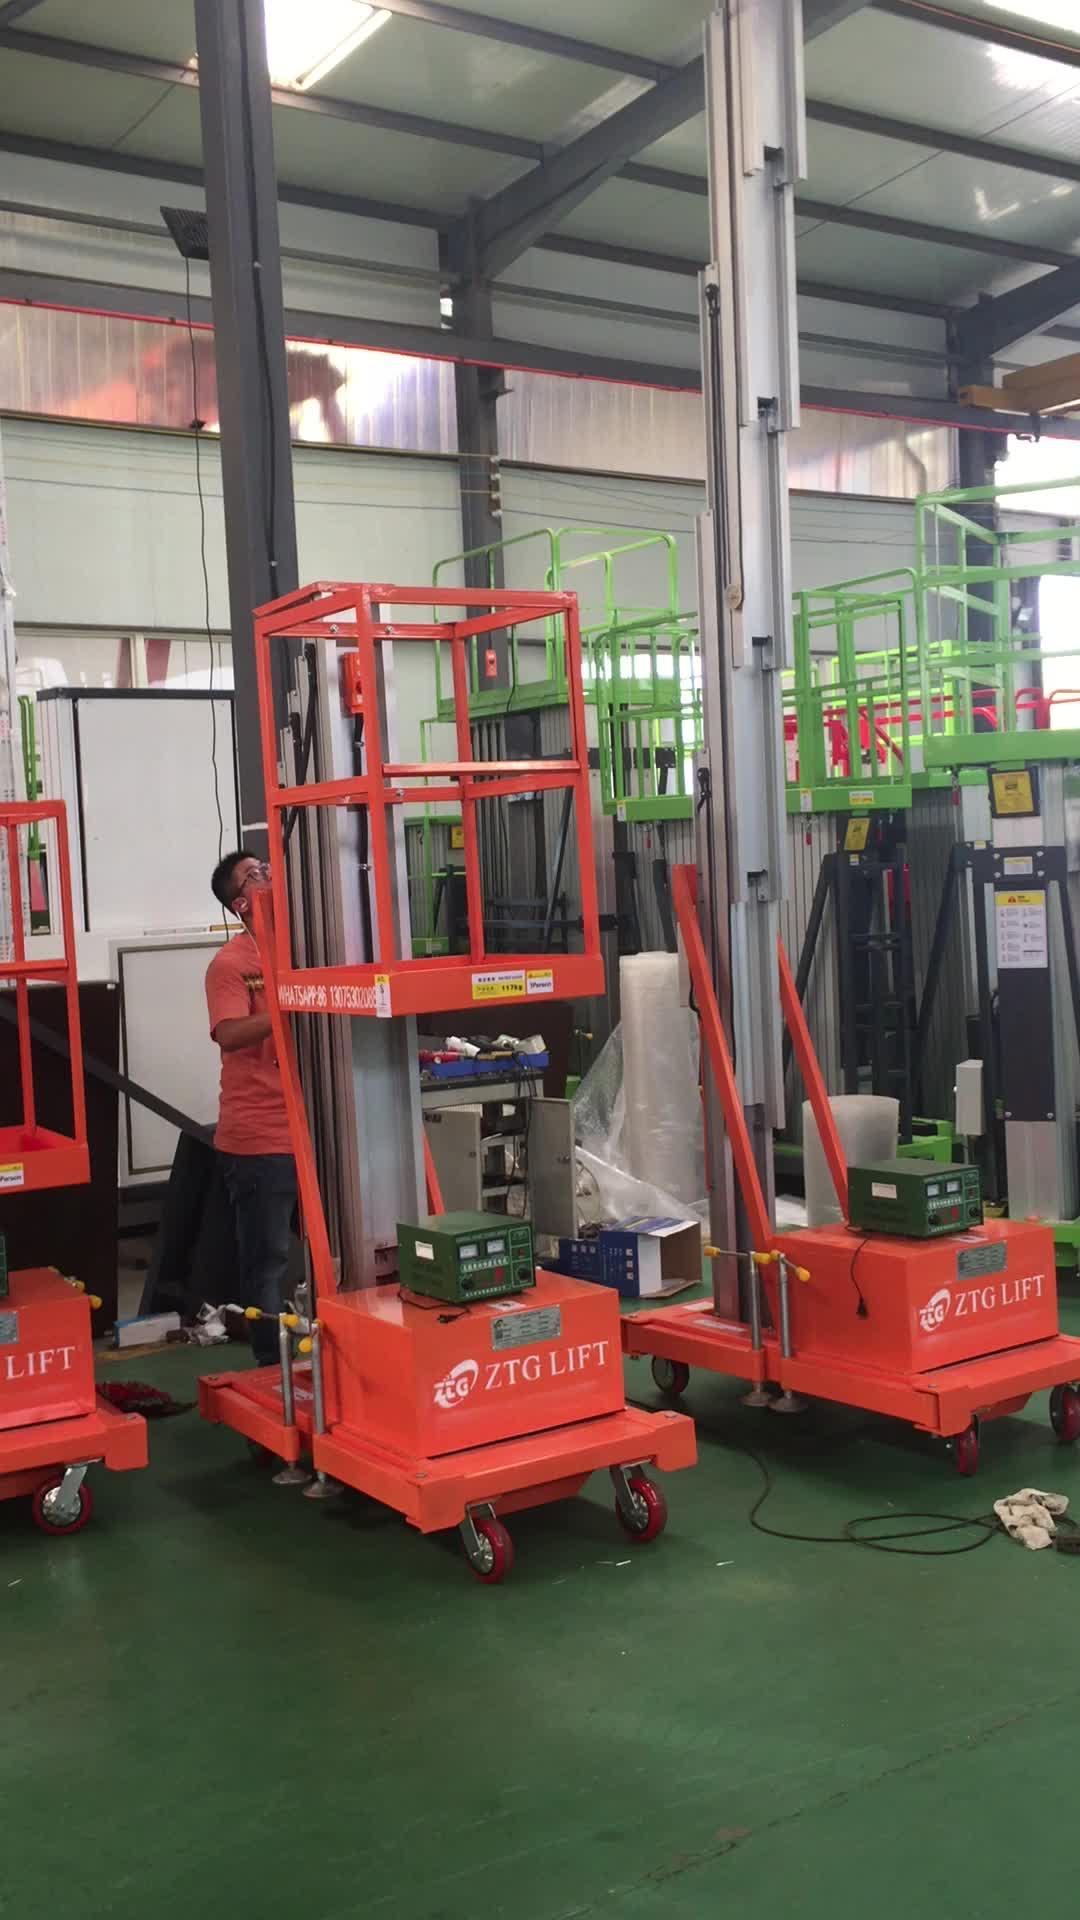 जिनान एल्यूमीनियम मस्तूल लिफ्ट मंच के लिए उतारा-8 m एकल columned हवाई काम/लिफ्ट मंच/हाइड्रोलिक manlift